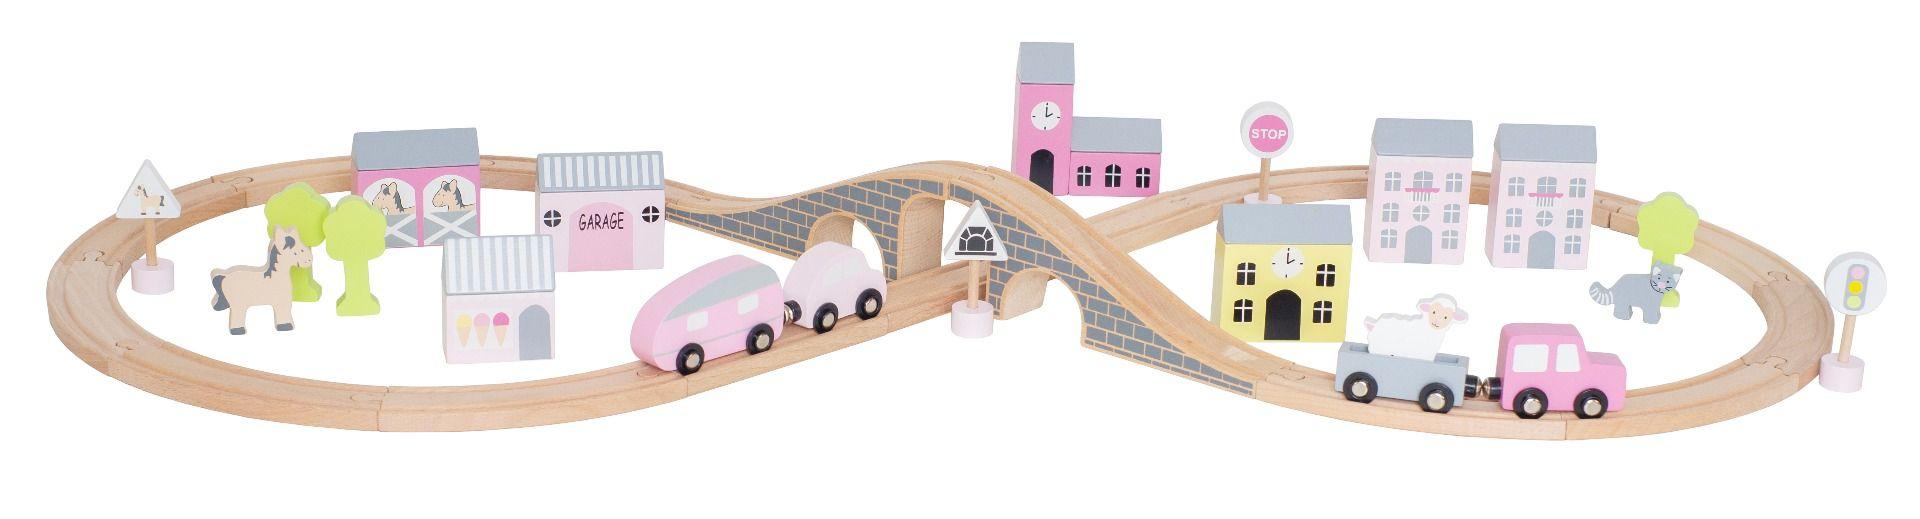 Holz Autobahn Spielset mit Straßen Schienen, Figuren und Tieren in Box rosa